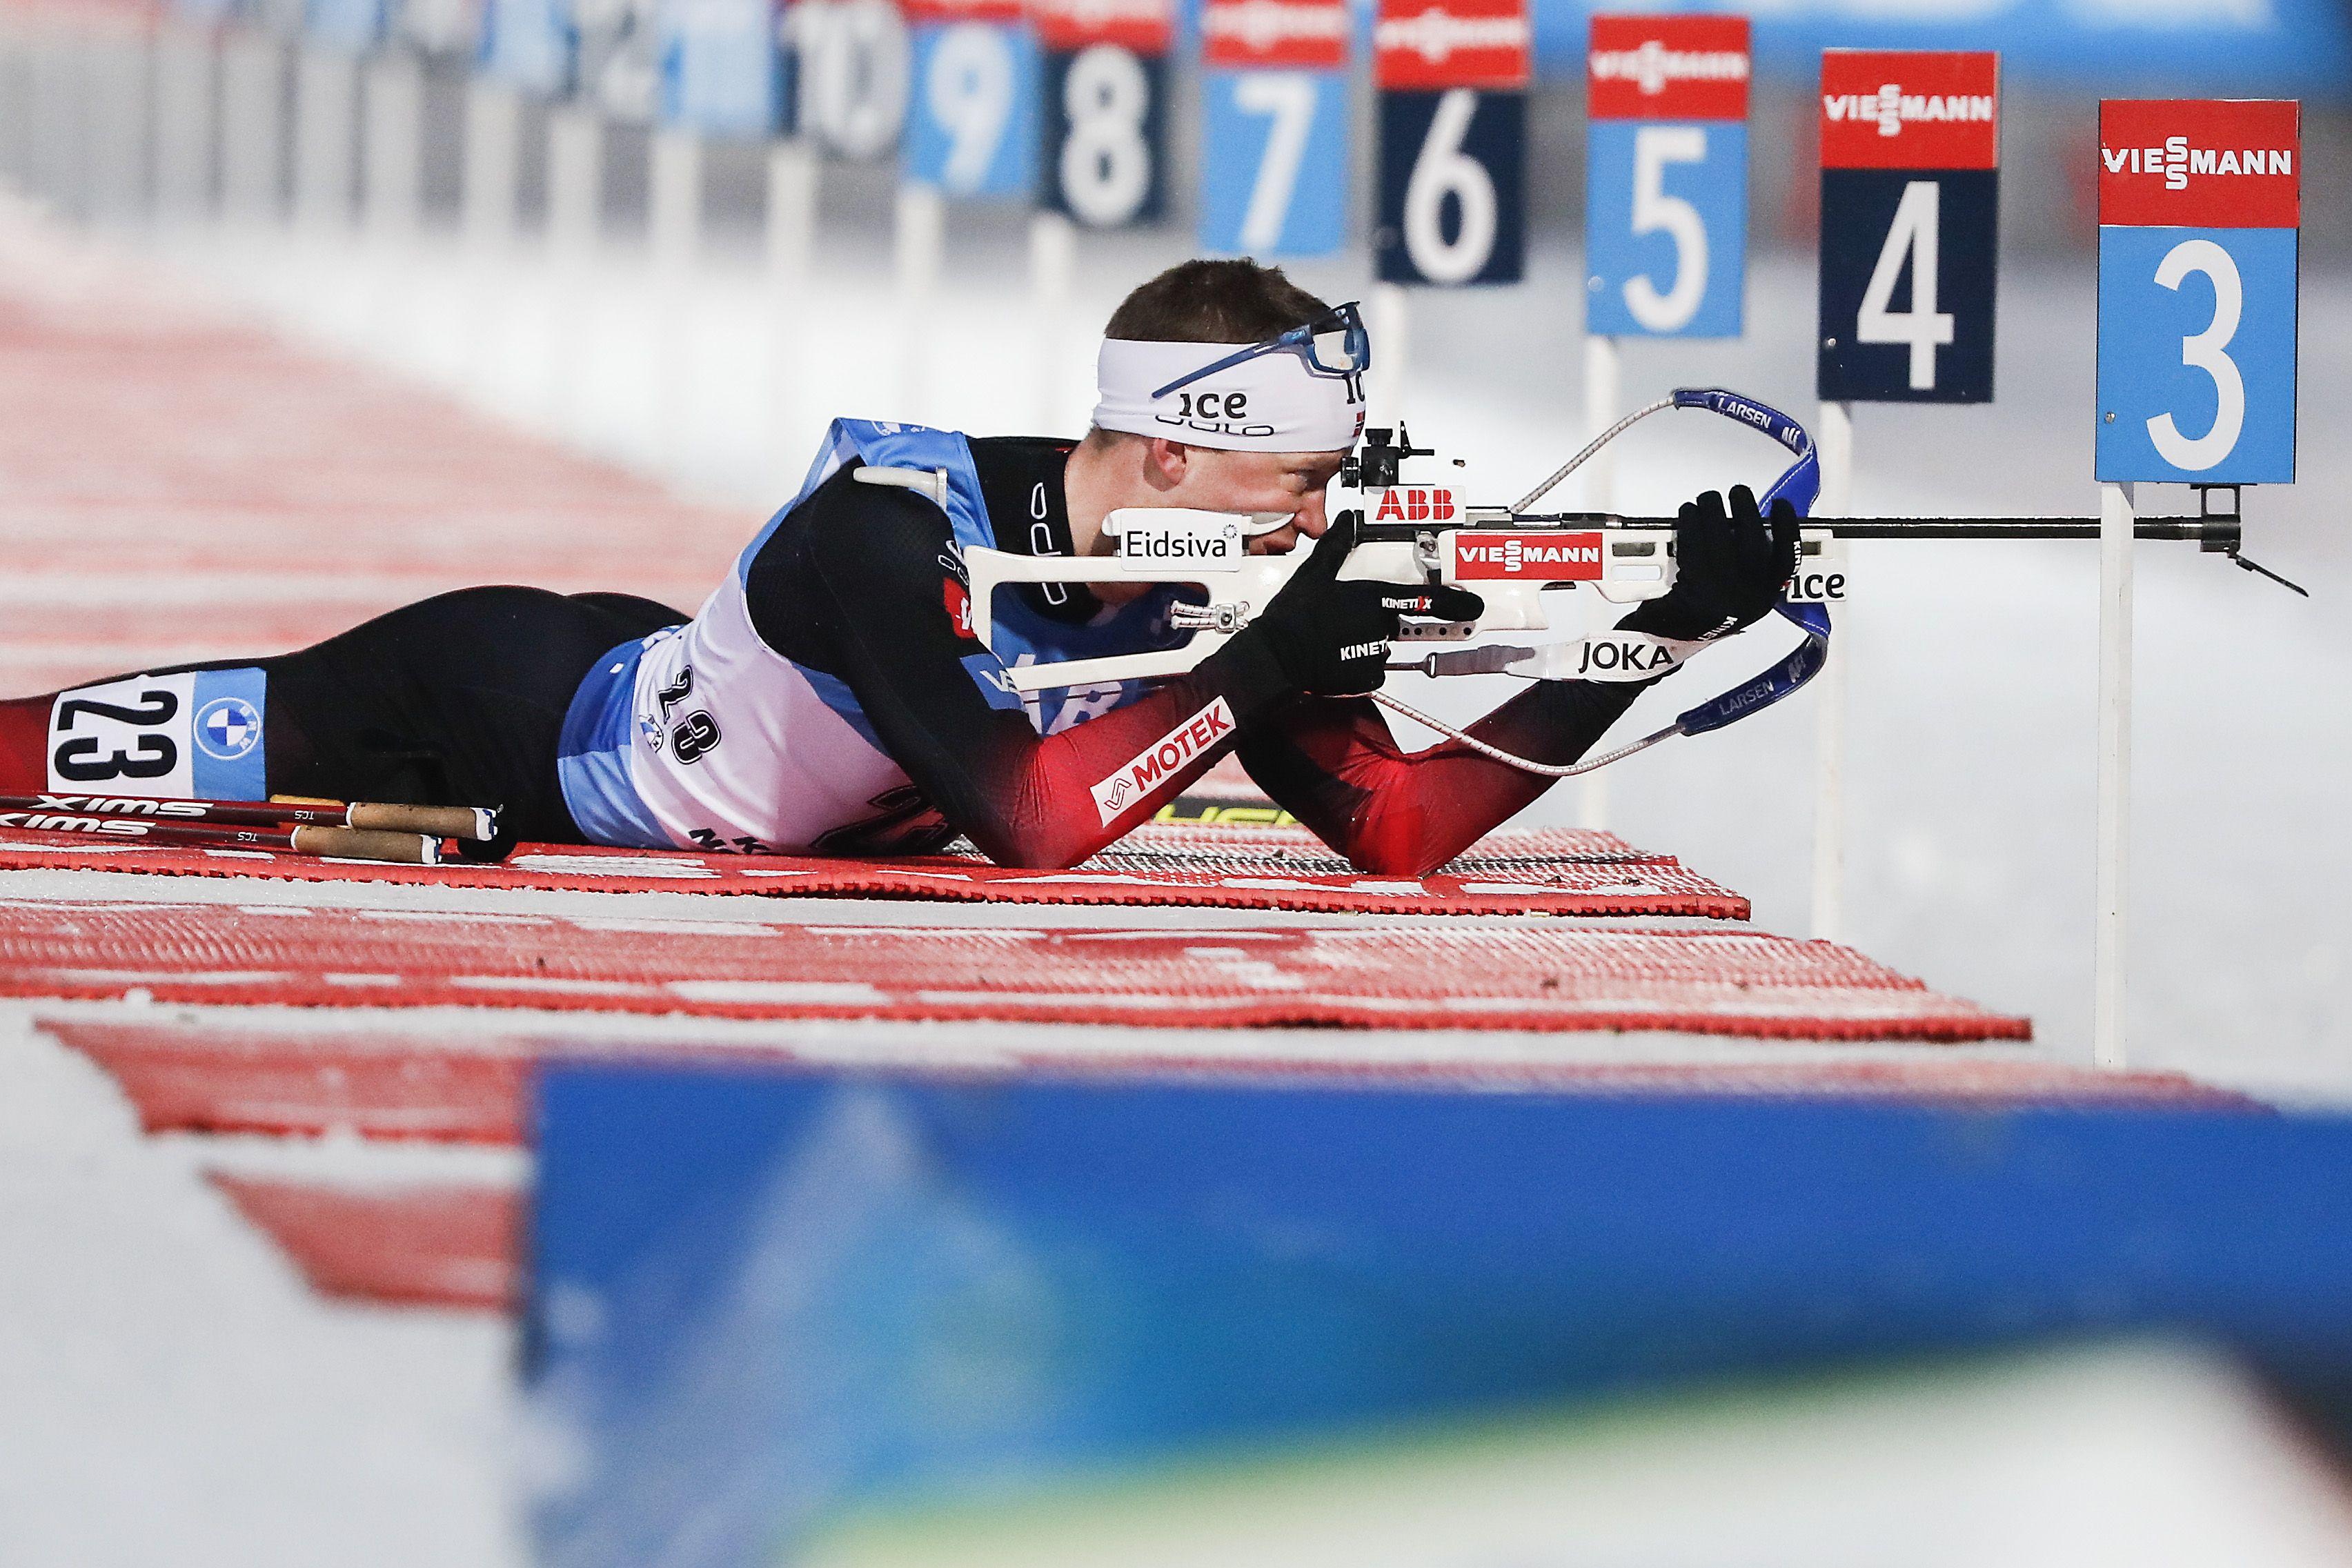 Тарьей Бё занял первое место в спринте на втором этапе КМ в Контиолахти, Елисеев - 33-й: все результаты